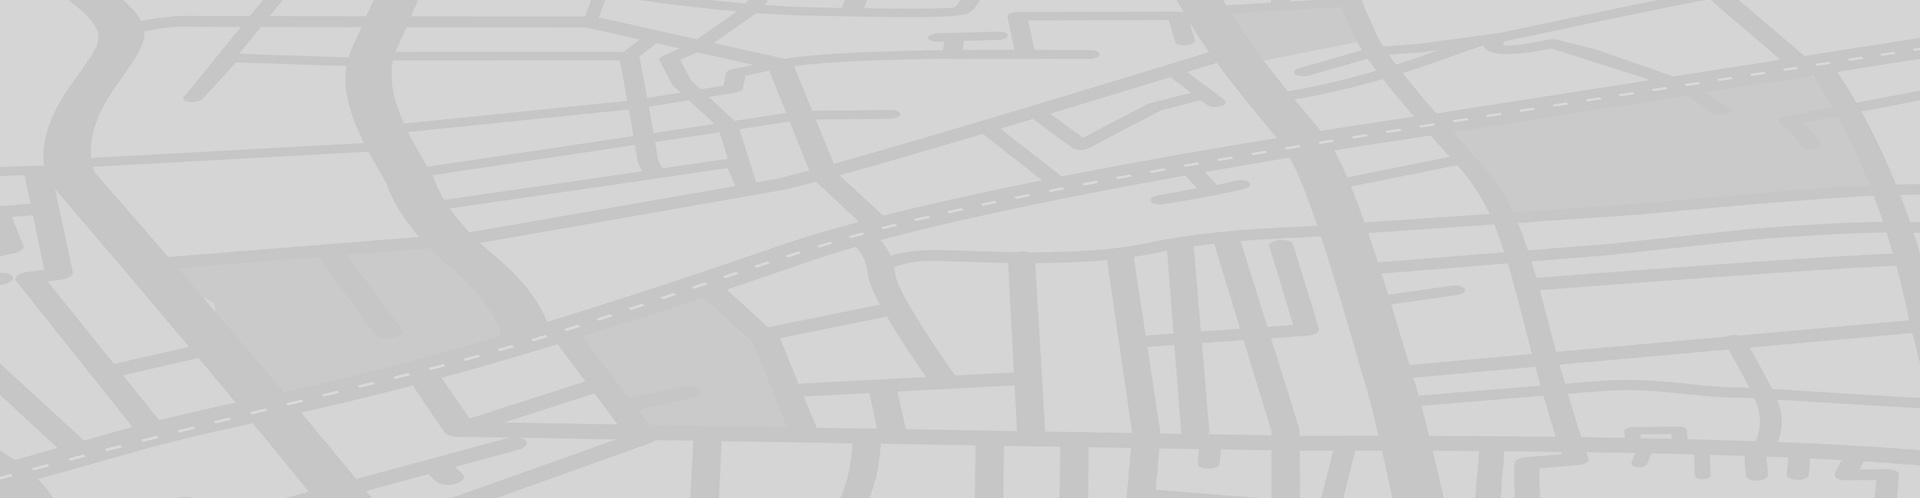 slide-bg-map